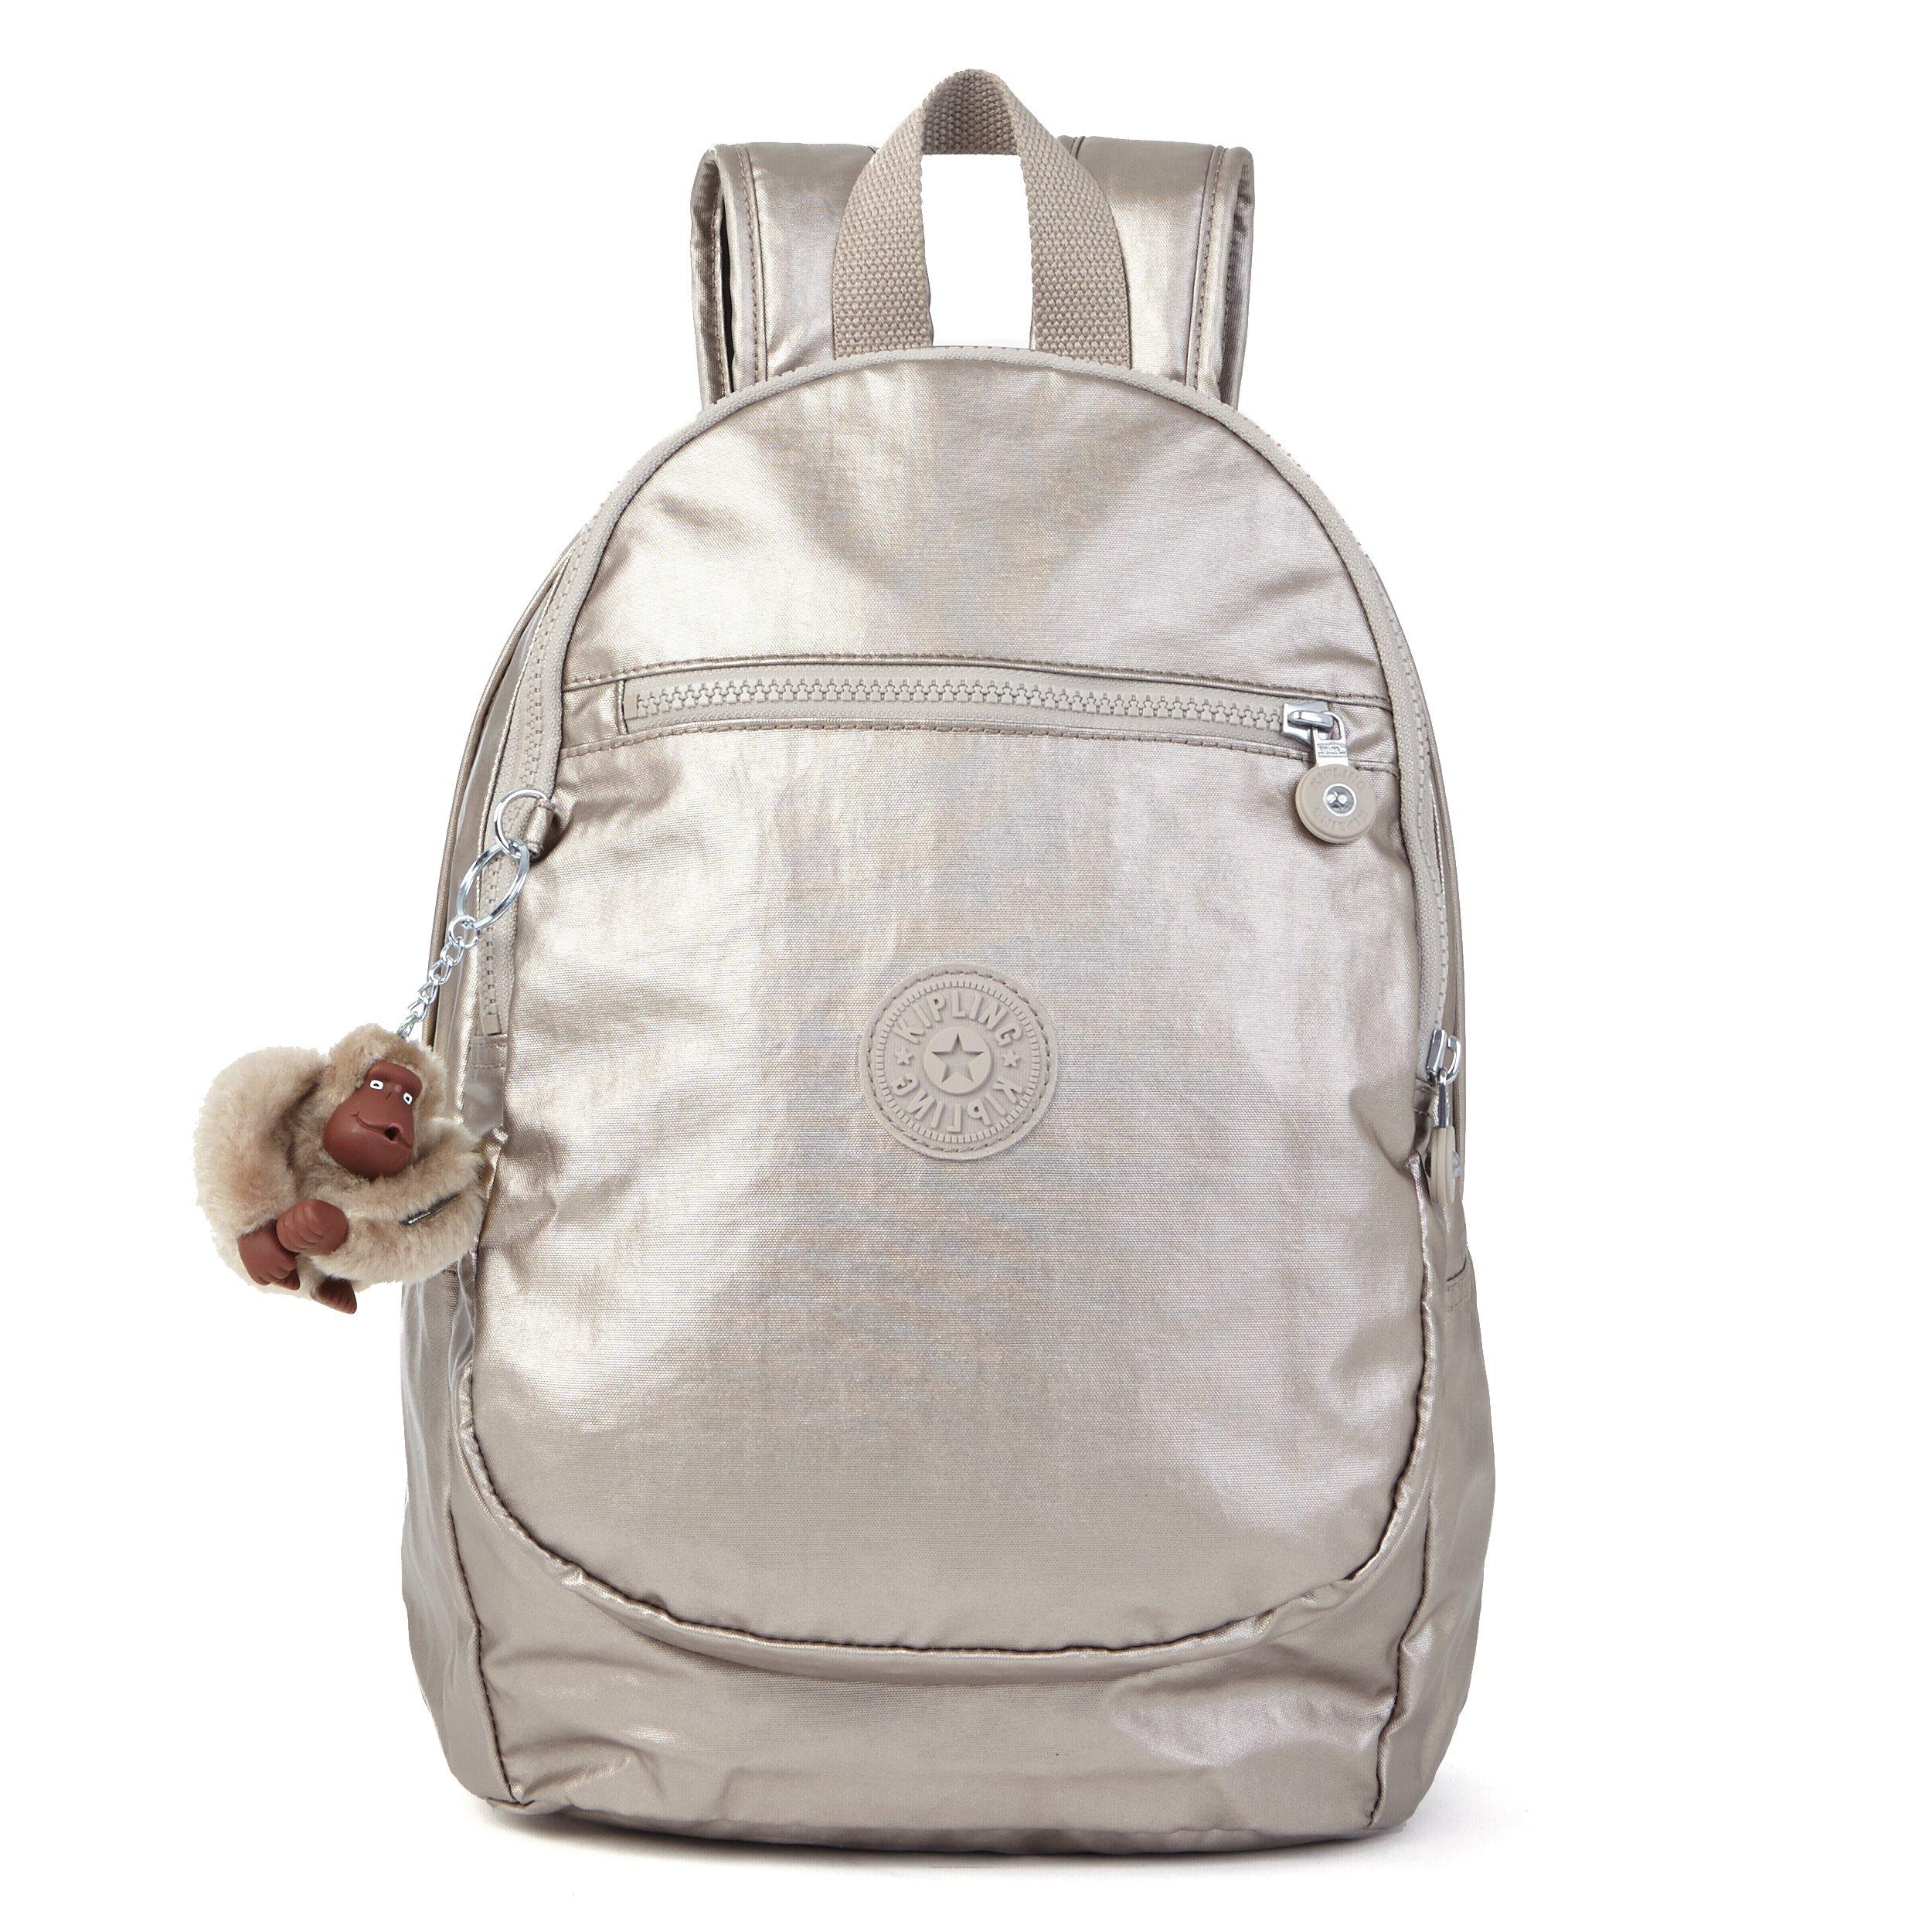 Kipling Women's Challenger Metallic Backpack, Metallic Pewter by Kipling